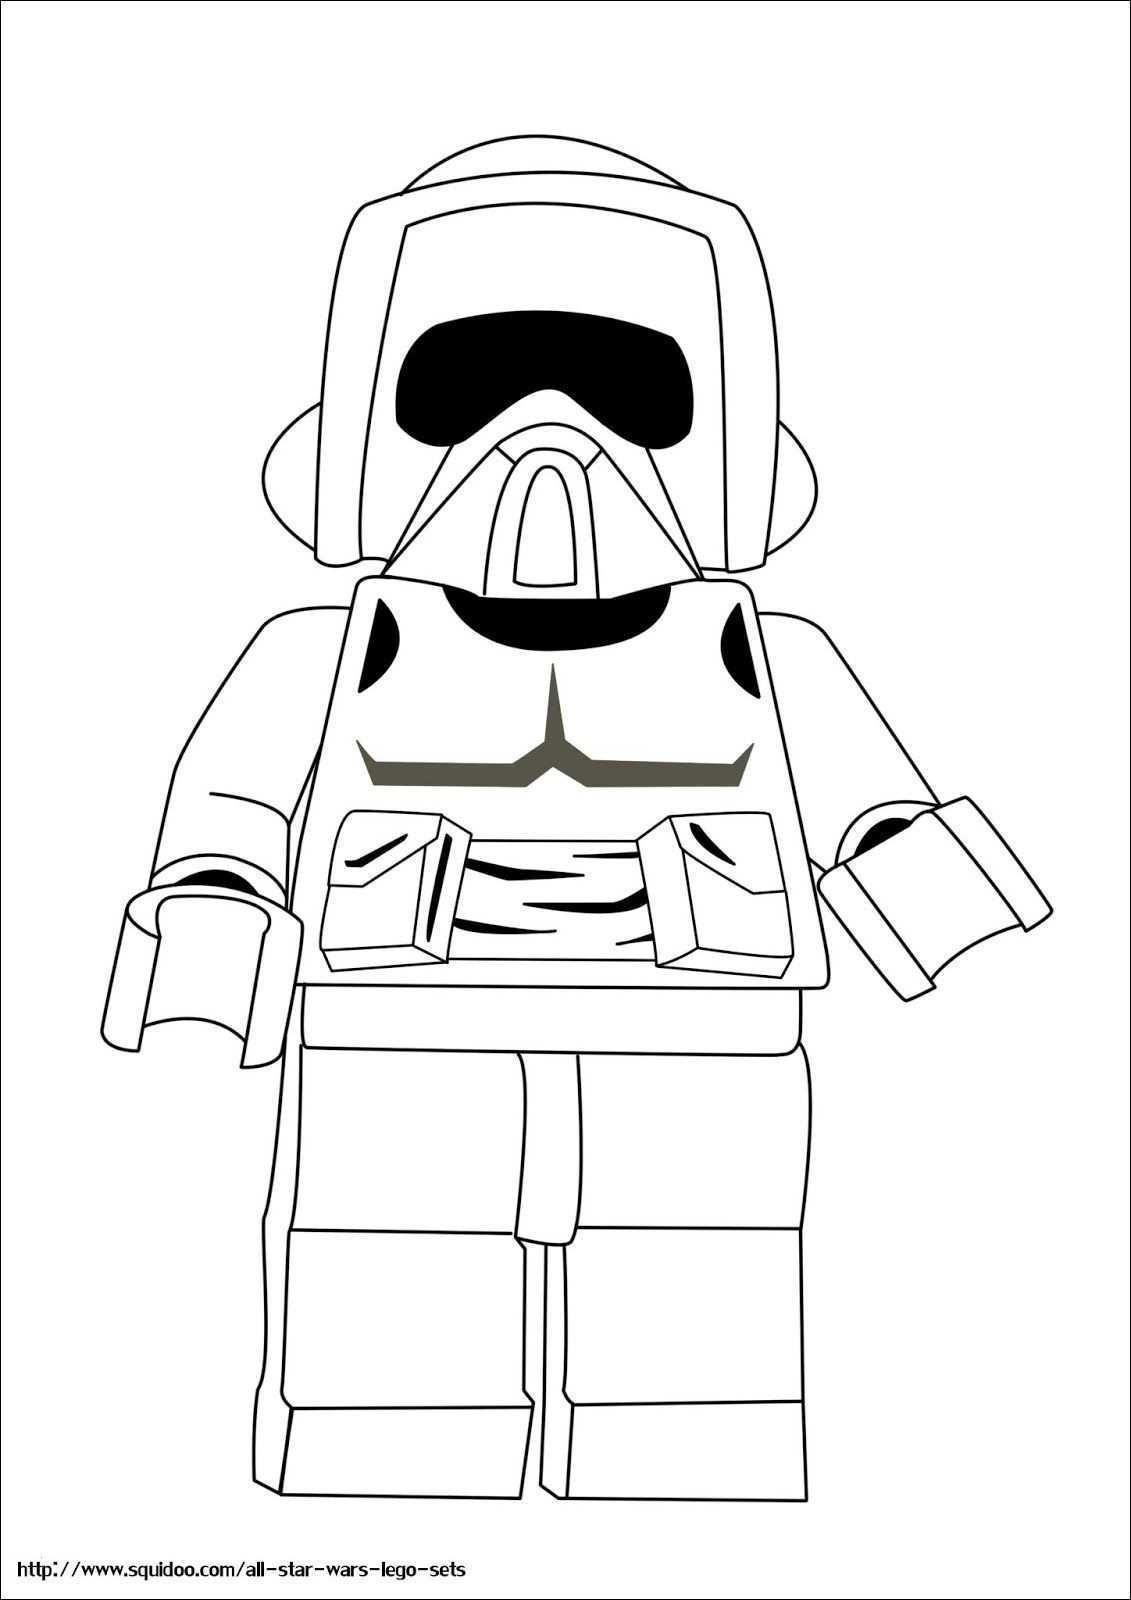 Ausmalbilder Star Wars Lego Einzigartig 63 Malvorlagen Star Wars Kostenlos My Blog Sammlung